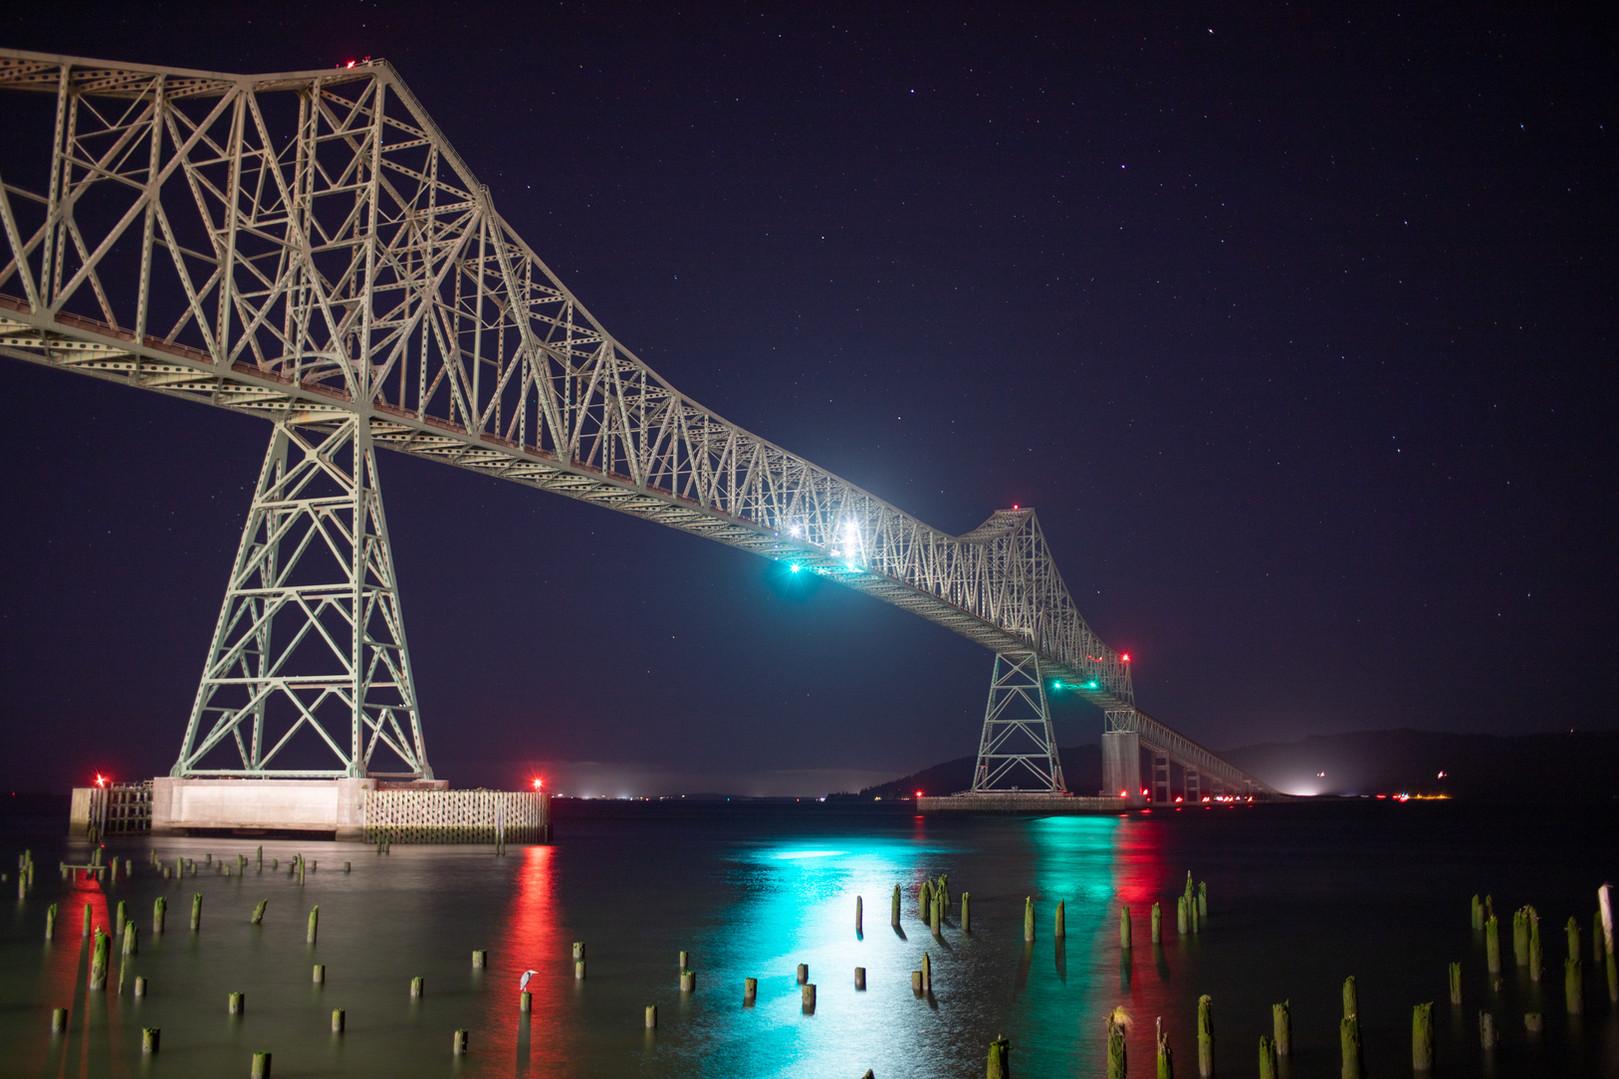 The Astoria Bridge